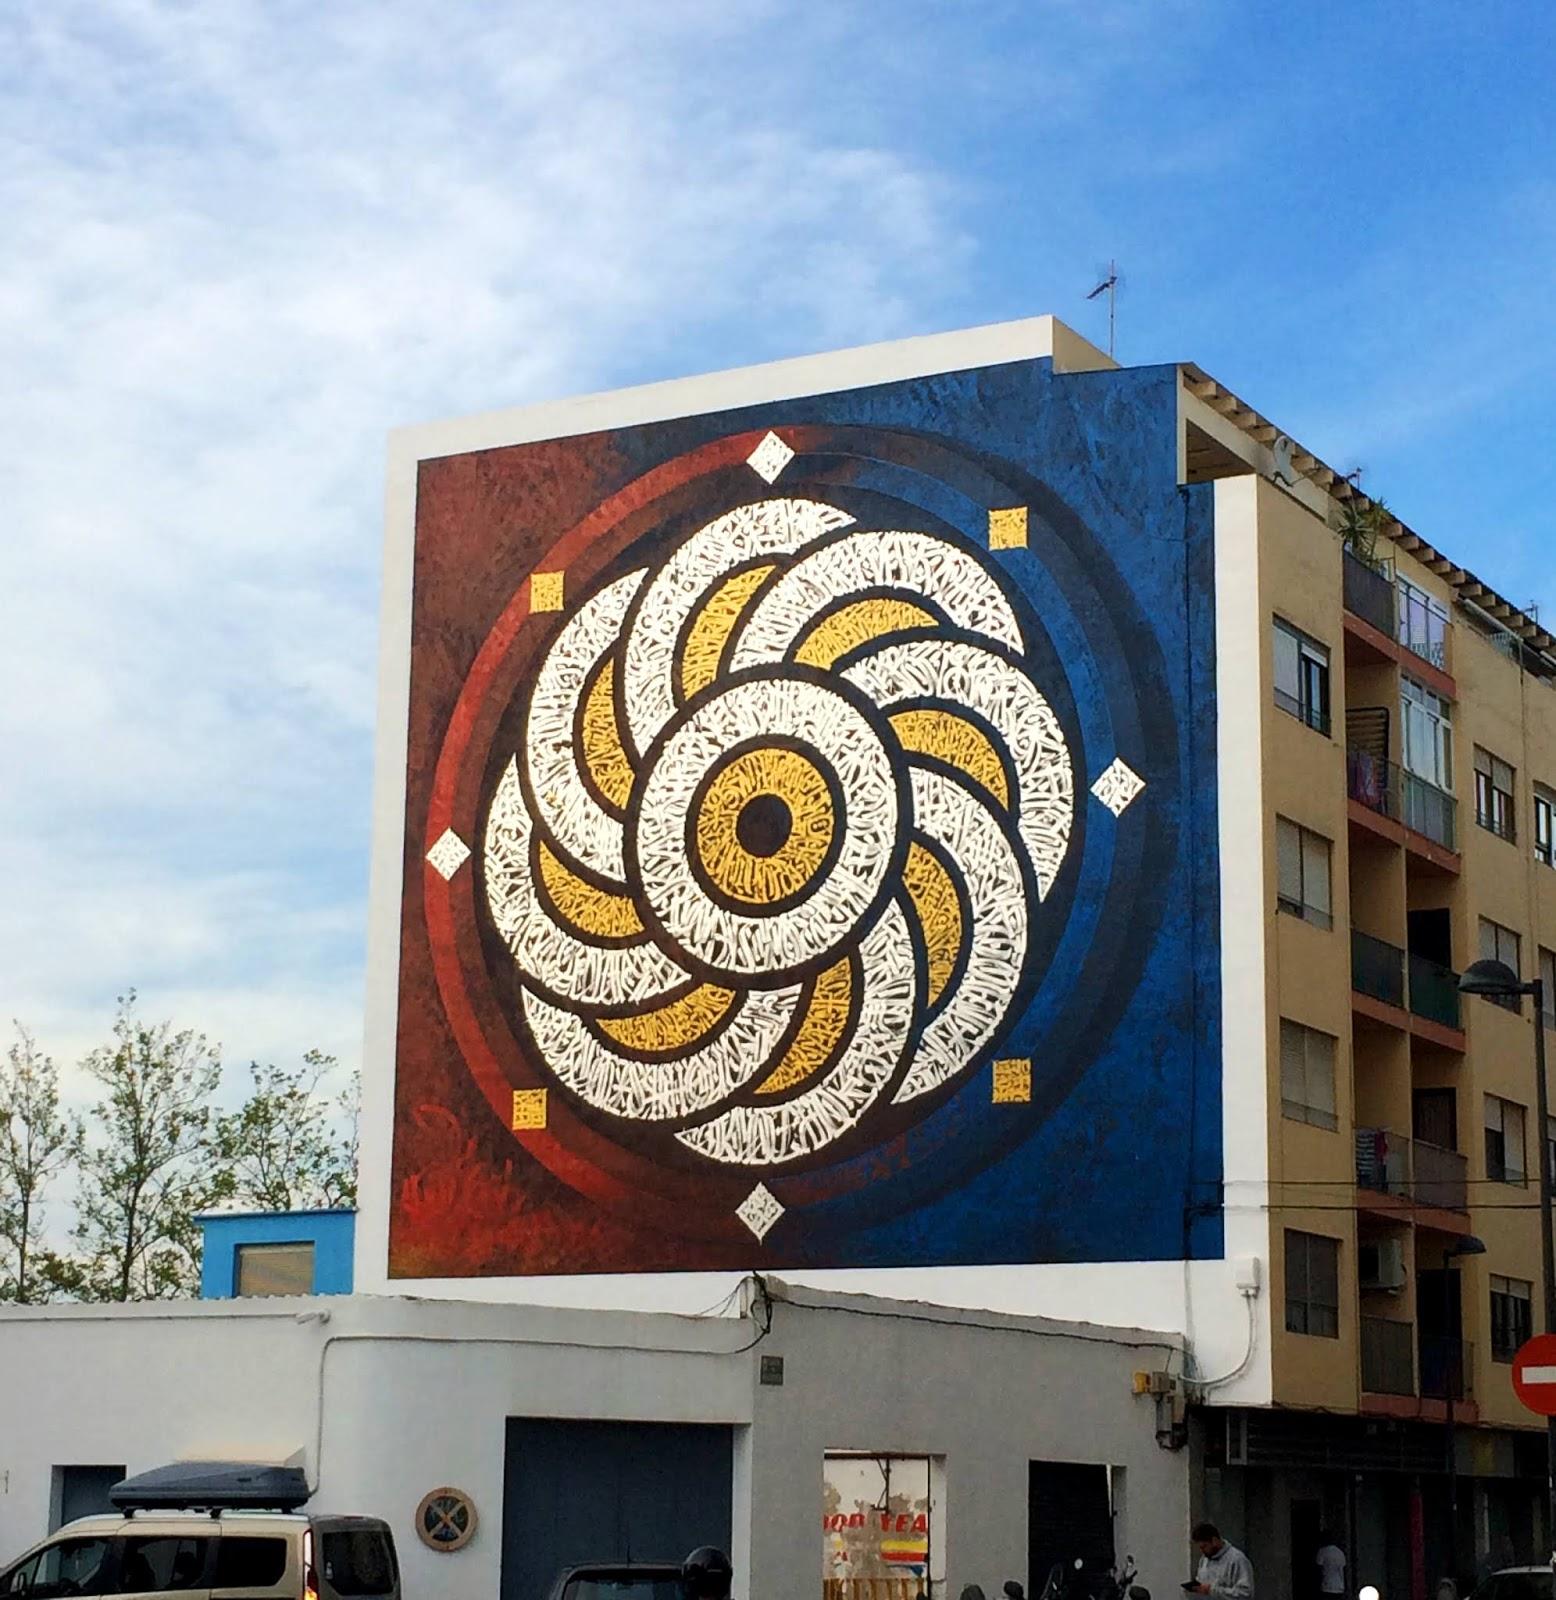 El proceso de realización de este mural fue también entrópico, ya que los elementos formales y compositivos aparecen en principio en completo caos, colores y trazos muy expresivos, en contraste con círculos concéntricos anidados, generando movimiento. El contenido tiene que ver con la indagación llevada a cabo por el artista en redes acerca del concepto de realidad.